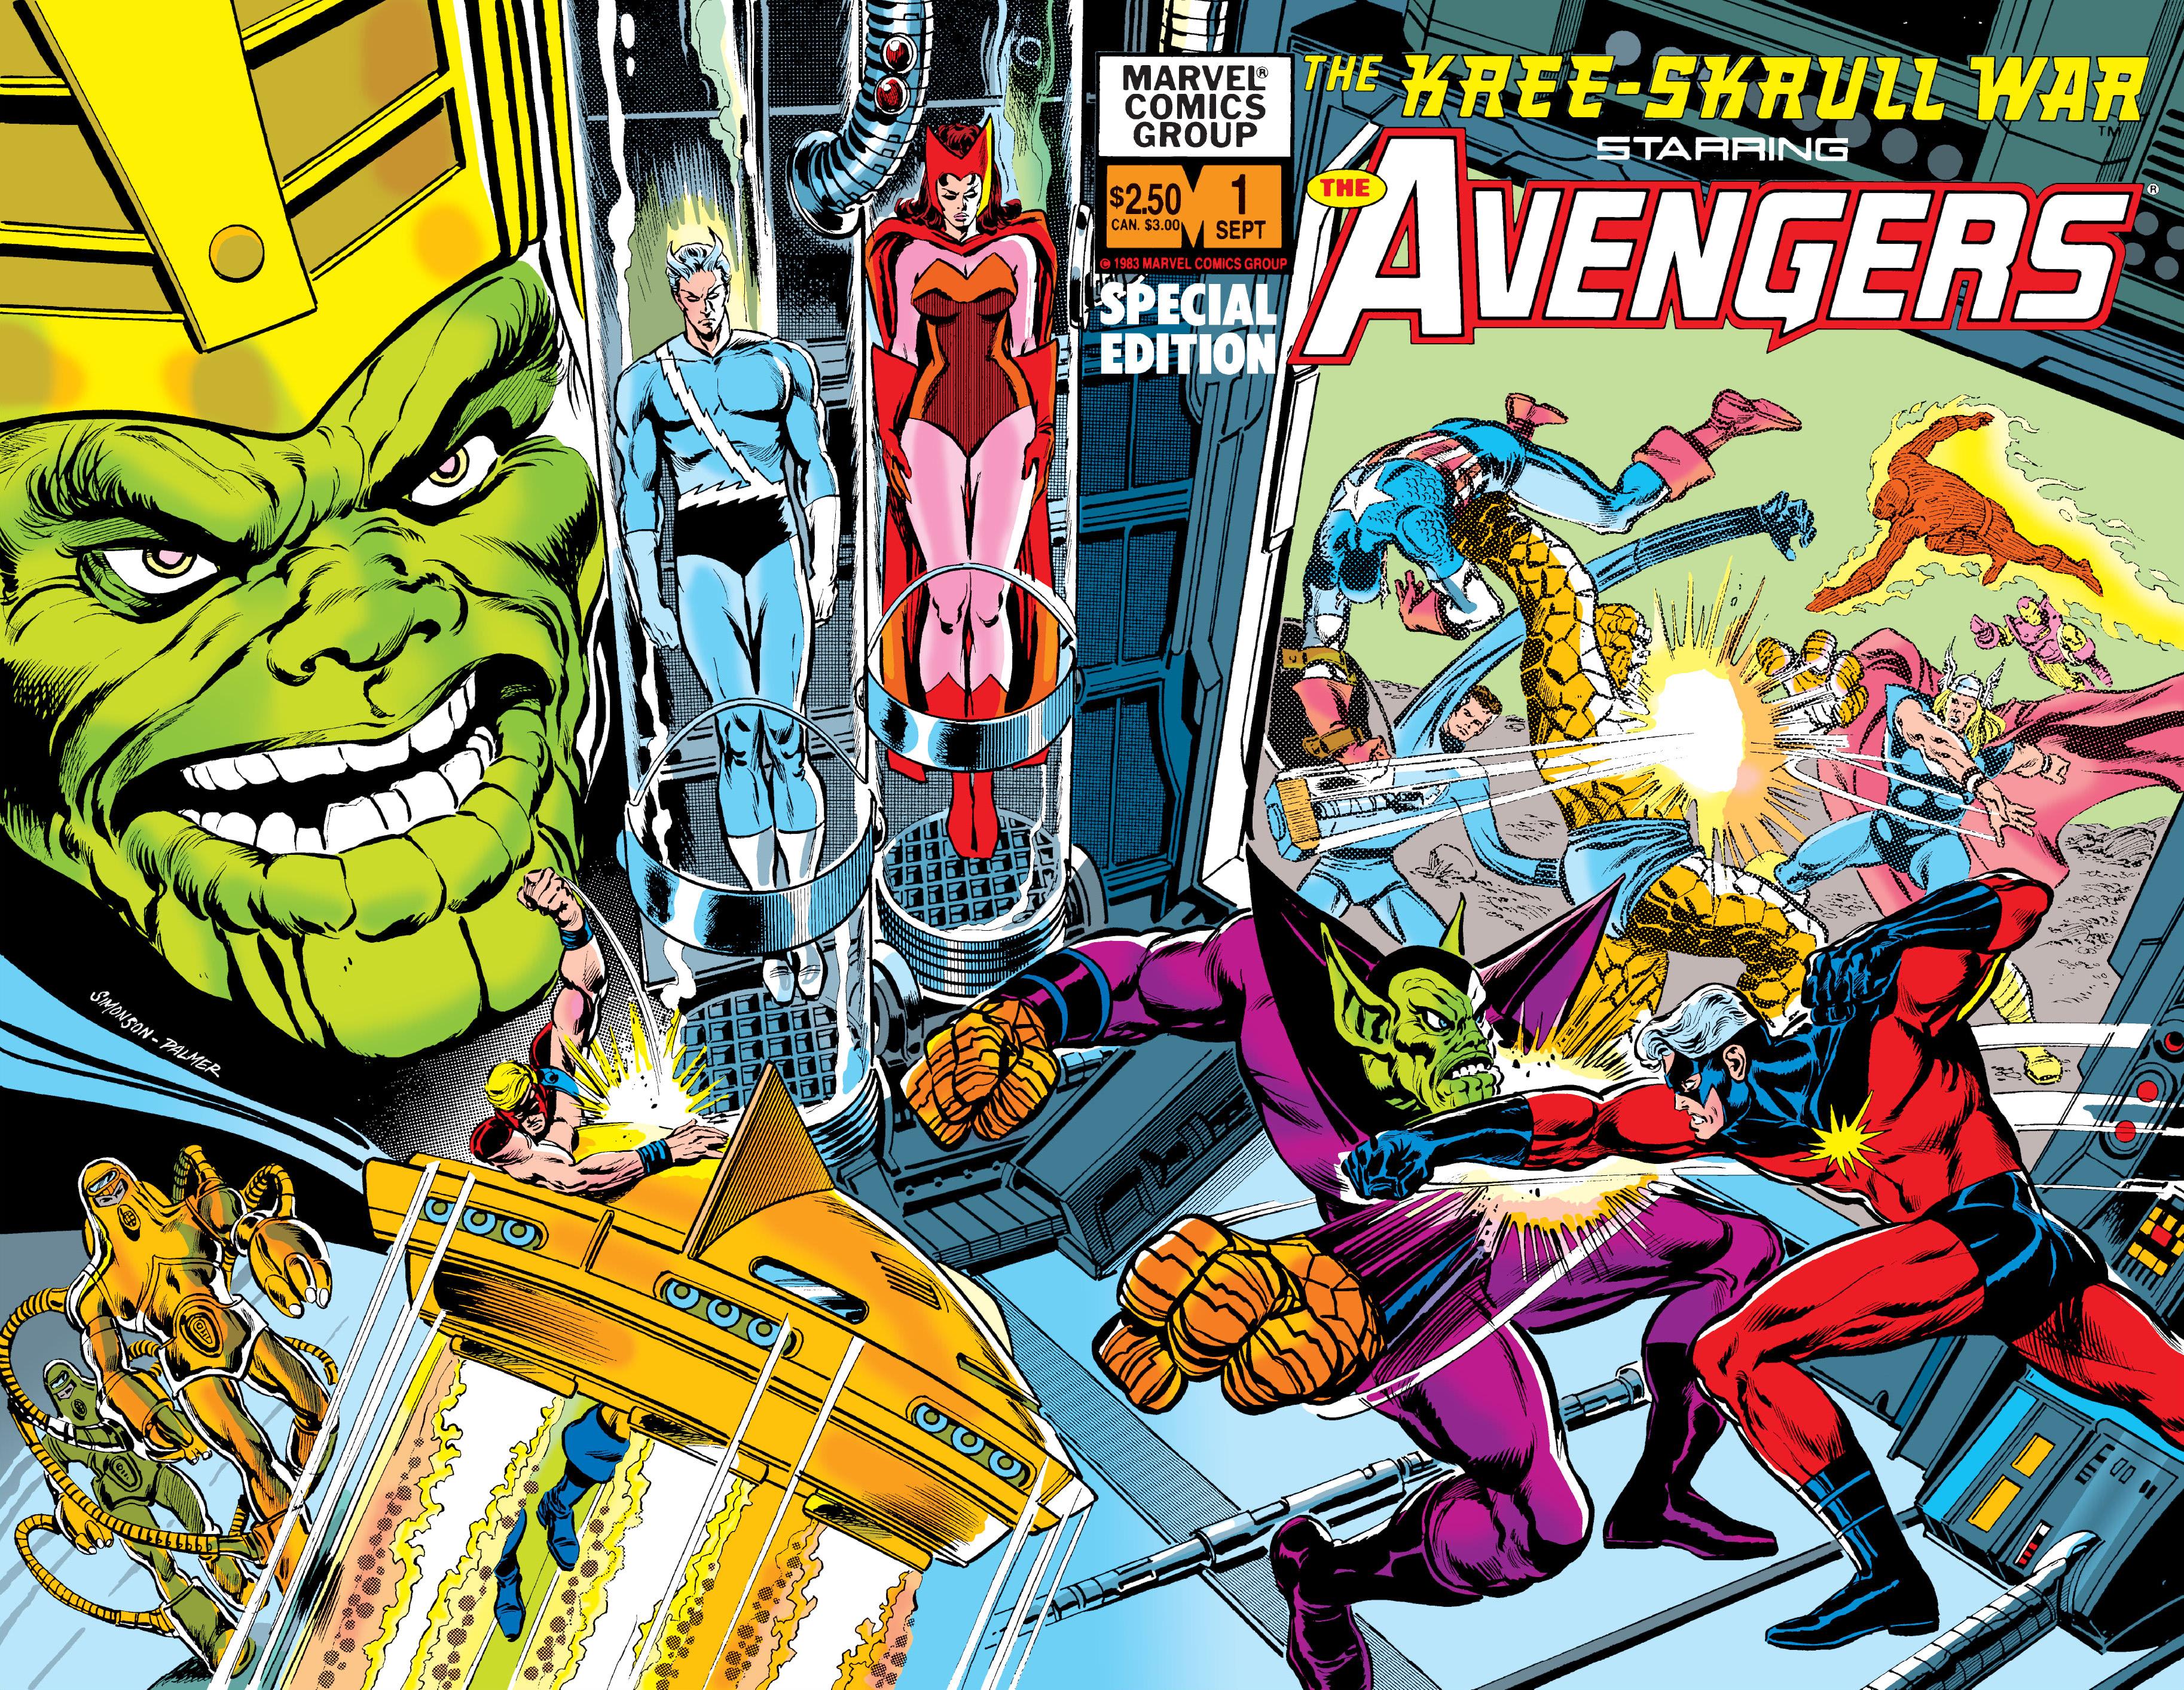 Kree-Skrull War Starring the Avengers Vol 1 1 Wraparound.jpg